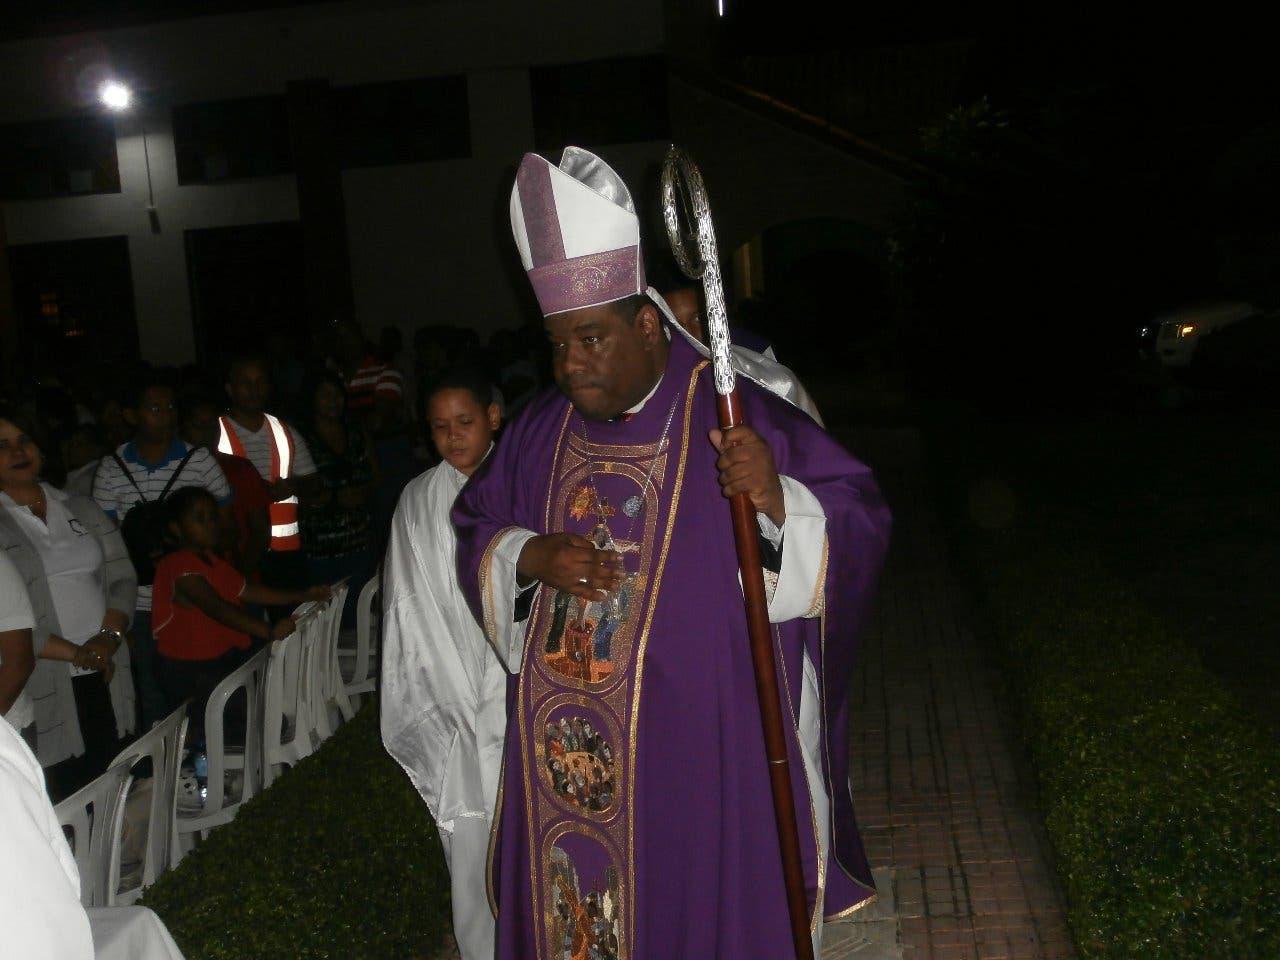 Obispo llama a la iglesia apoyar a jóvenes que protestan pacíficamente tras suspensión de elecciones